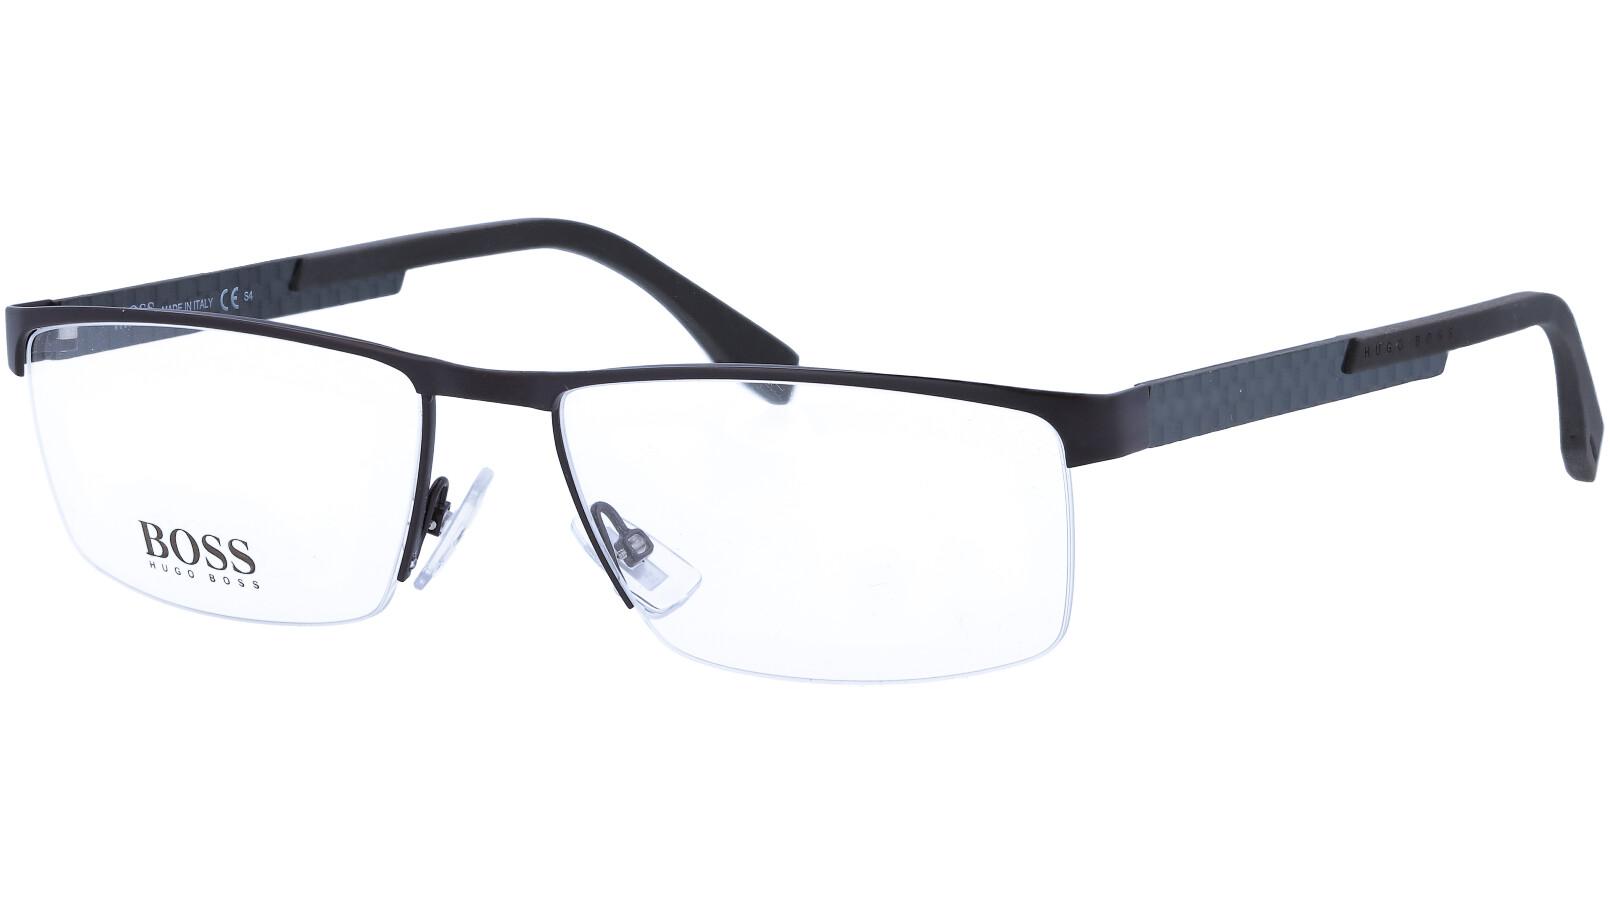 Hugo Boss BOSS0734 KCR 56 MTBRW Glasses